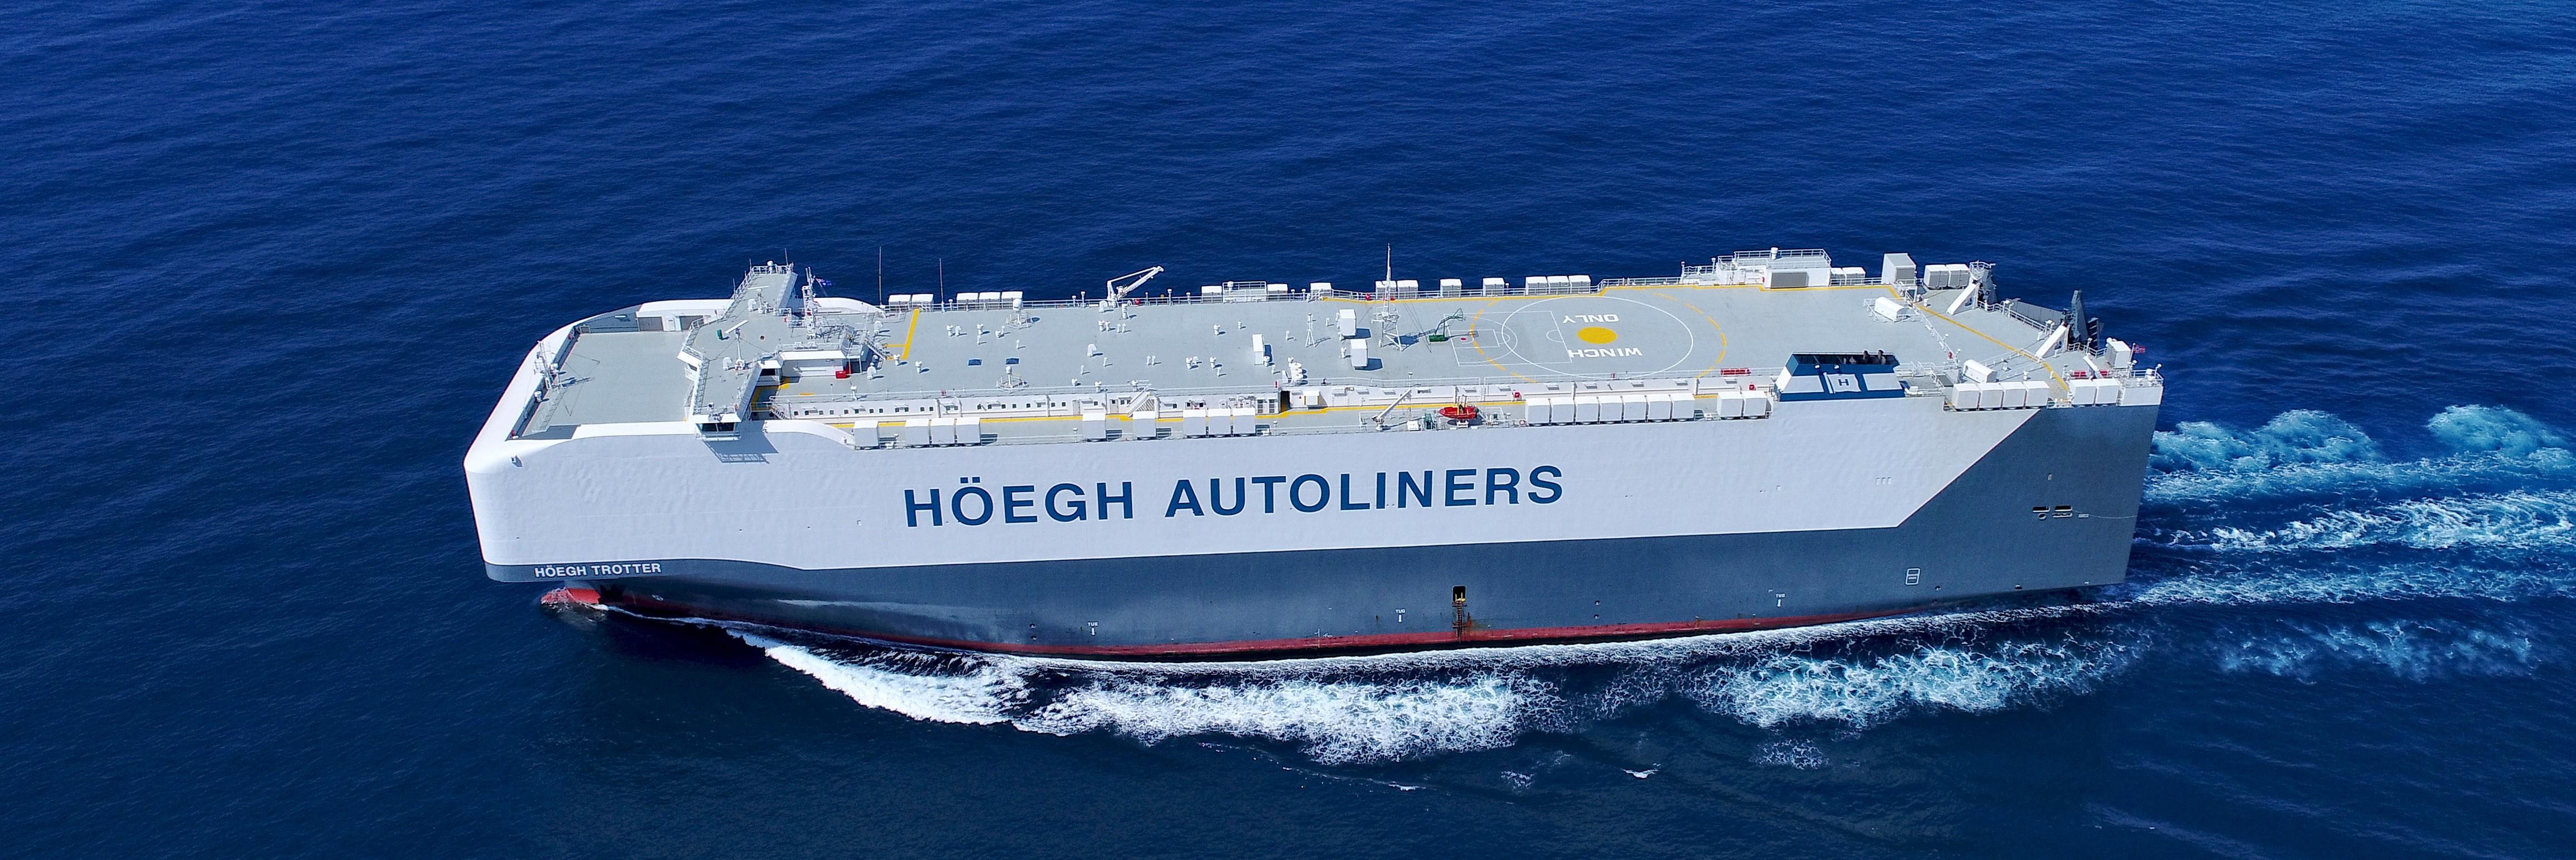 Höegh Autoliners AS | LinkedIn